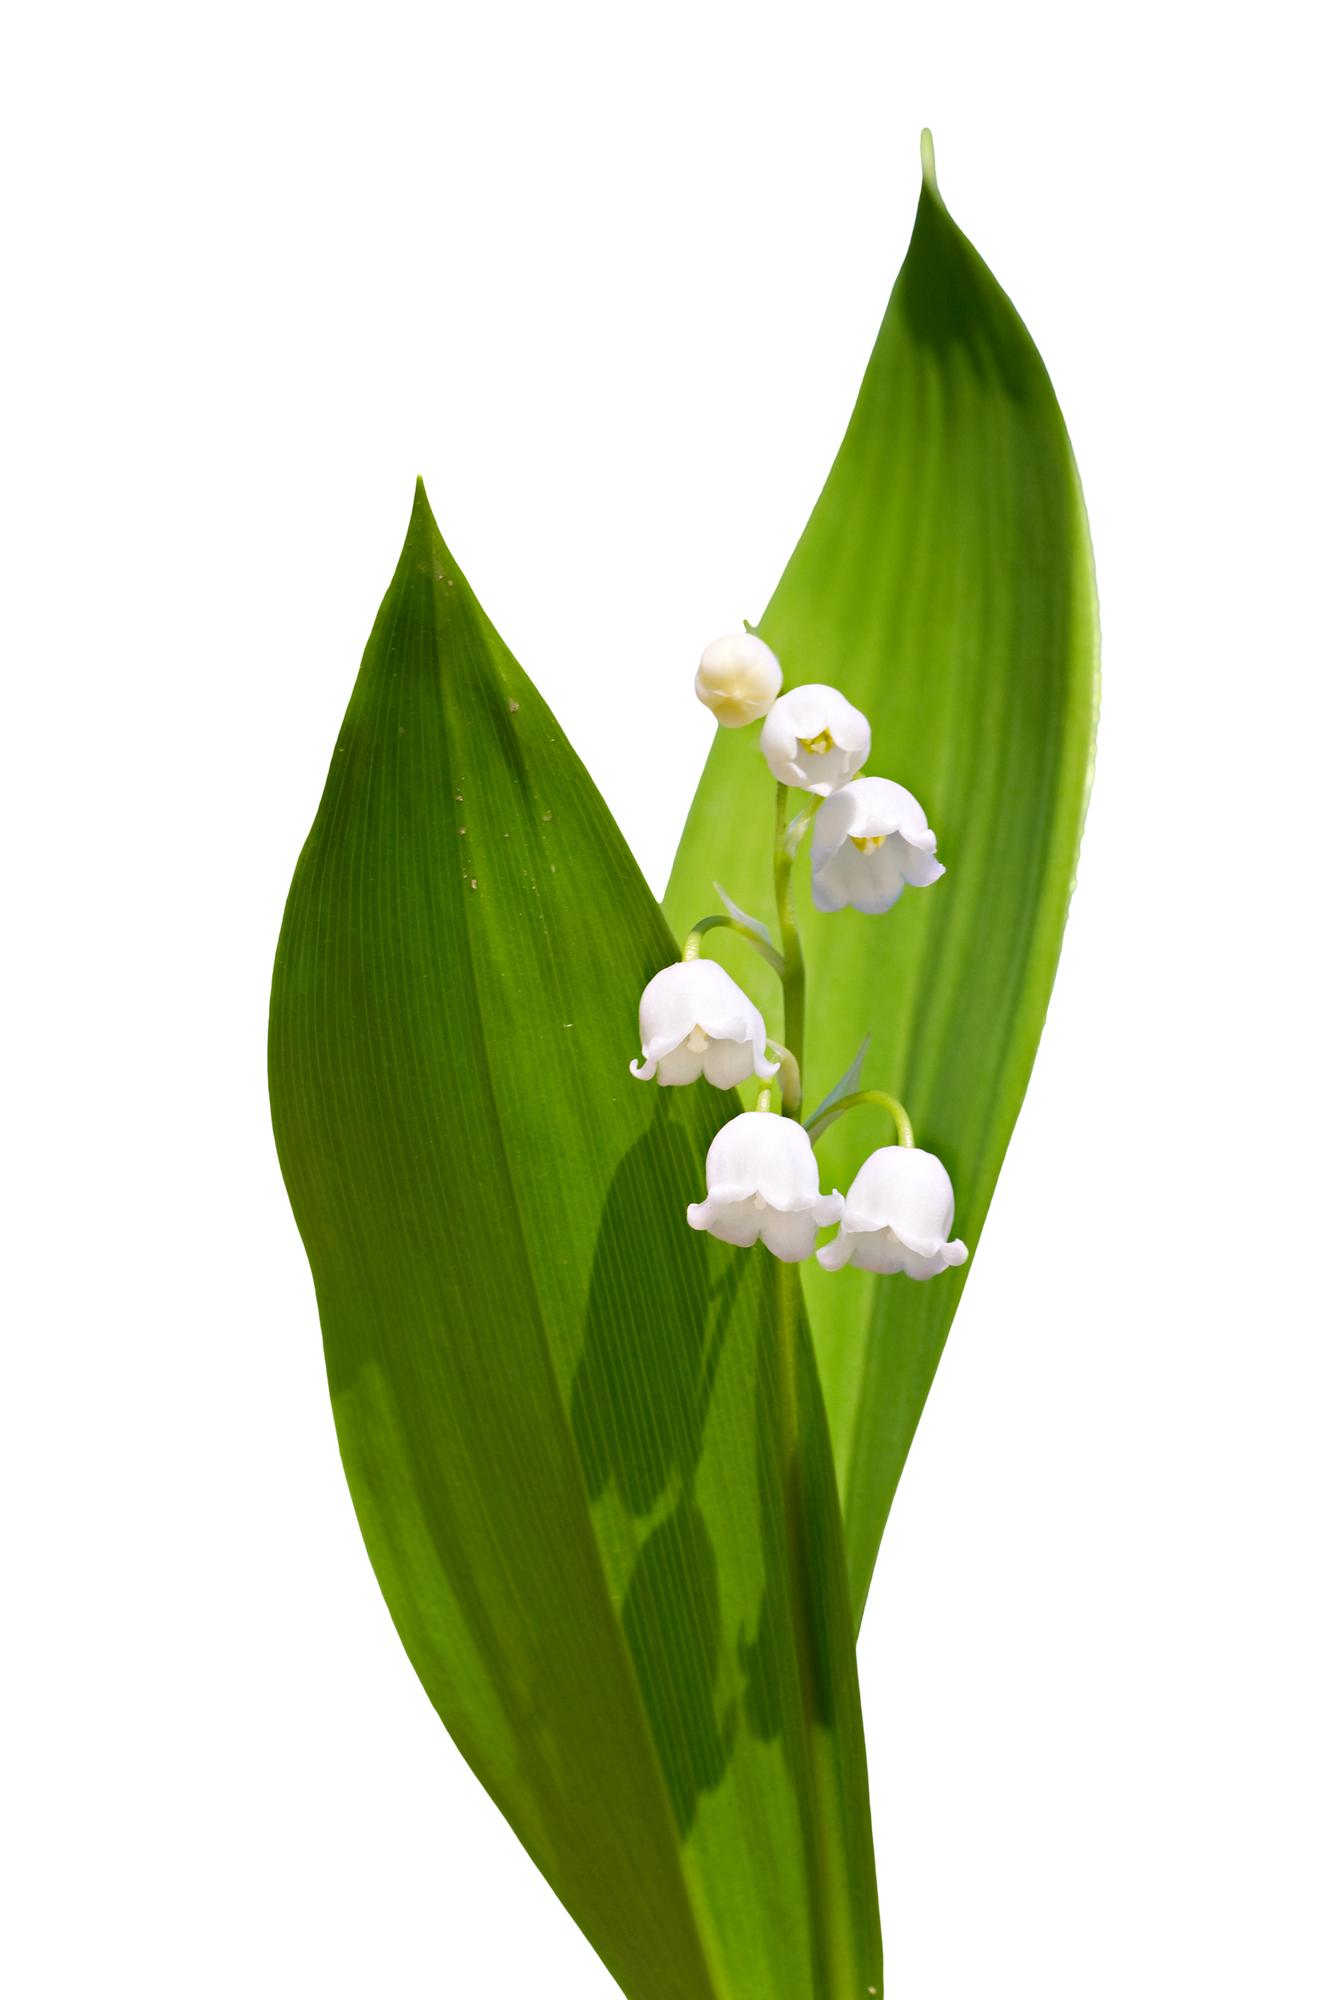 Touko-kesäkuussa kukkiva kielo on kaunis mutta myrkyllinen kasvi.